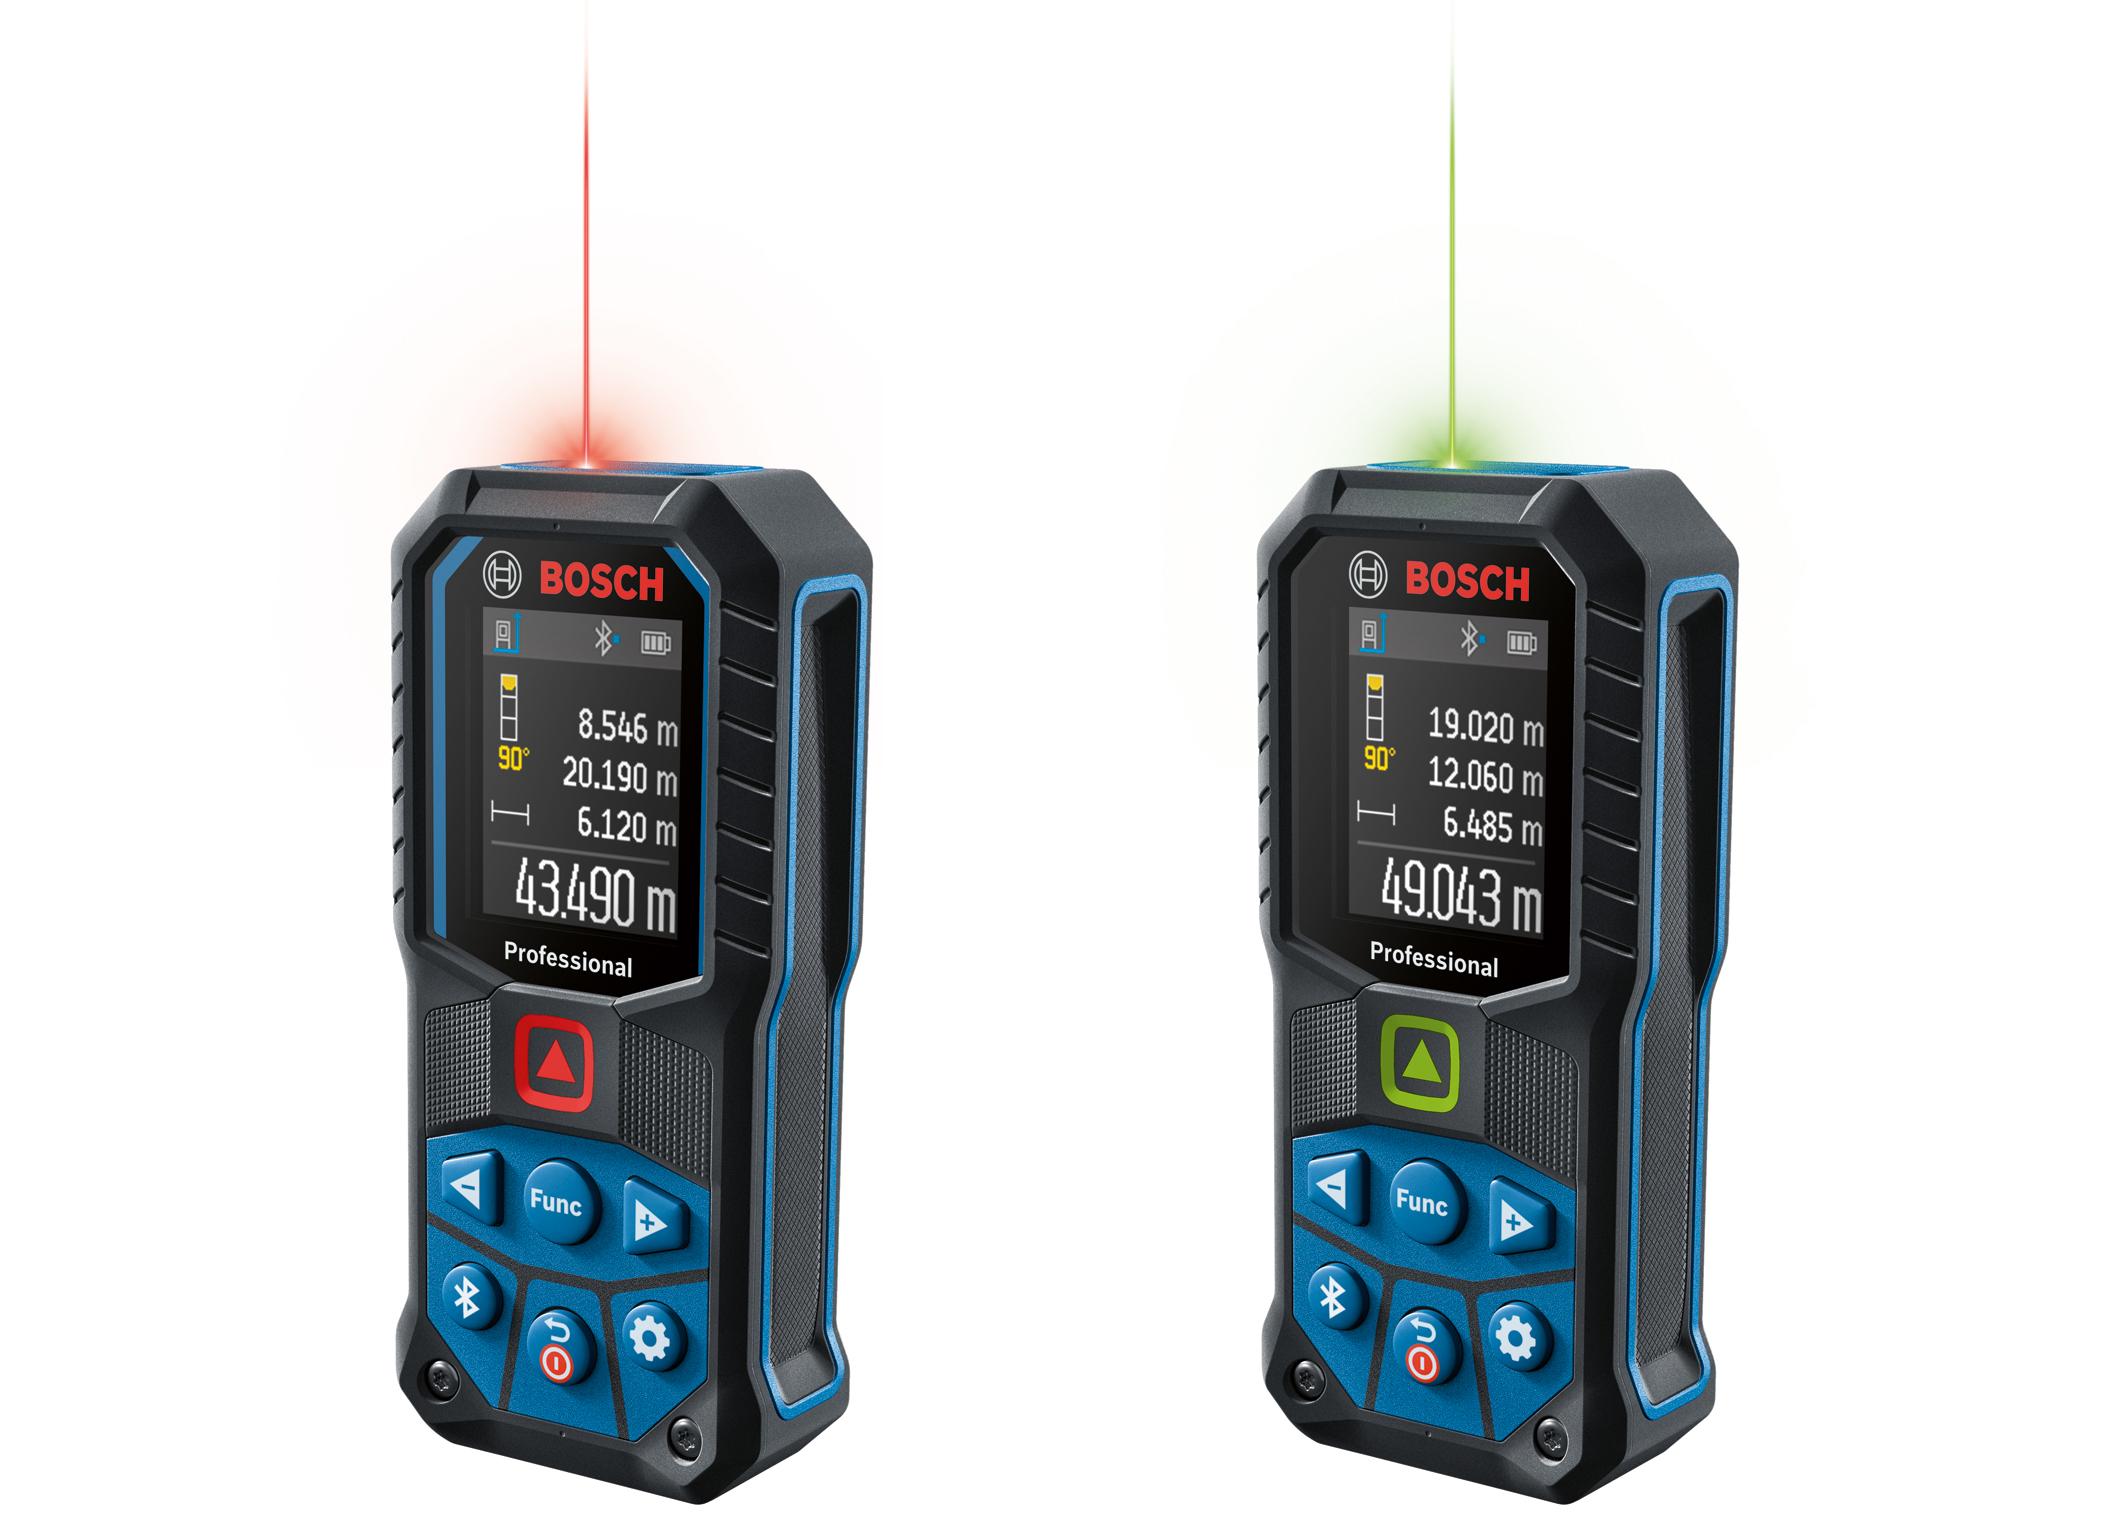 Presné meranie, ľahké čítanie, bezdrôtový prenos: Robustné laserové diaľkomery od spoločnosti Bosch pre profesionálovvv